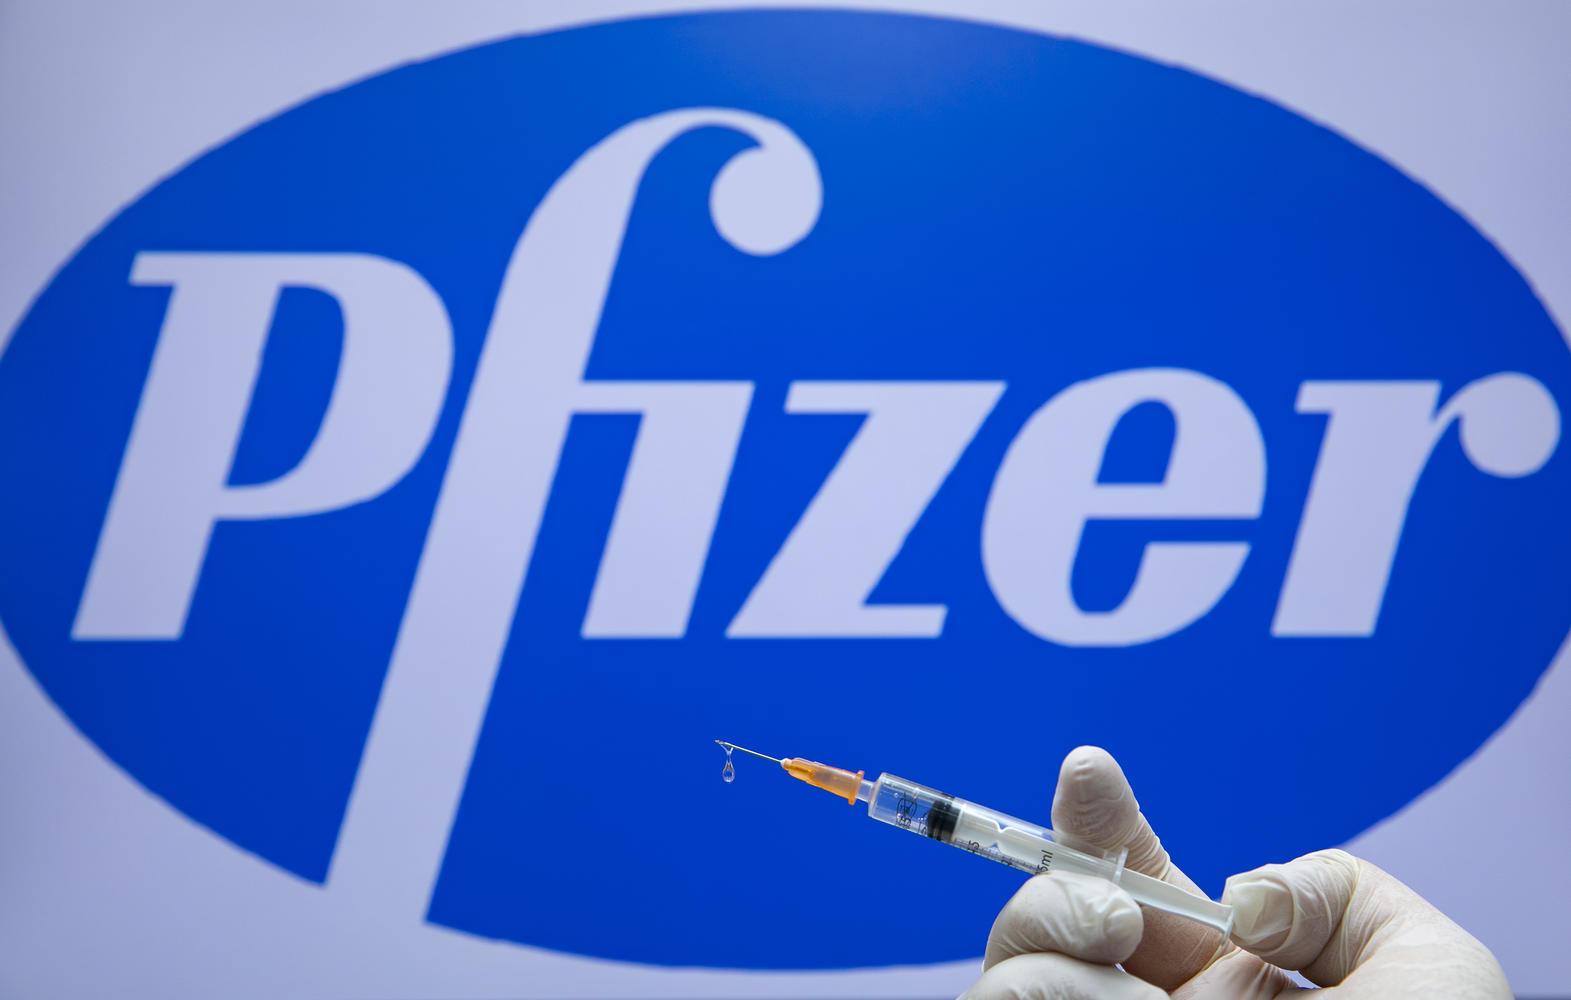 Pfizer заверяет: вакцина эффективна против всех известных вариантов коронавируса